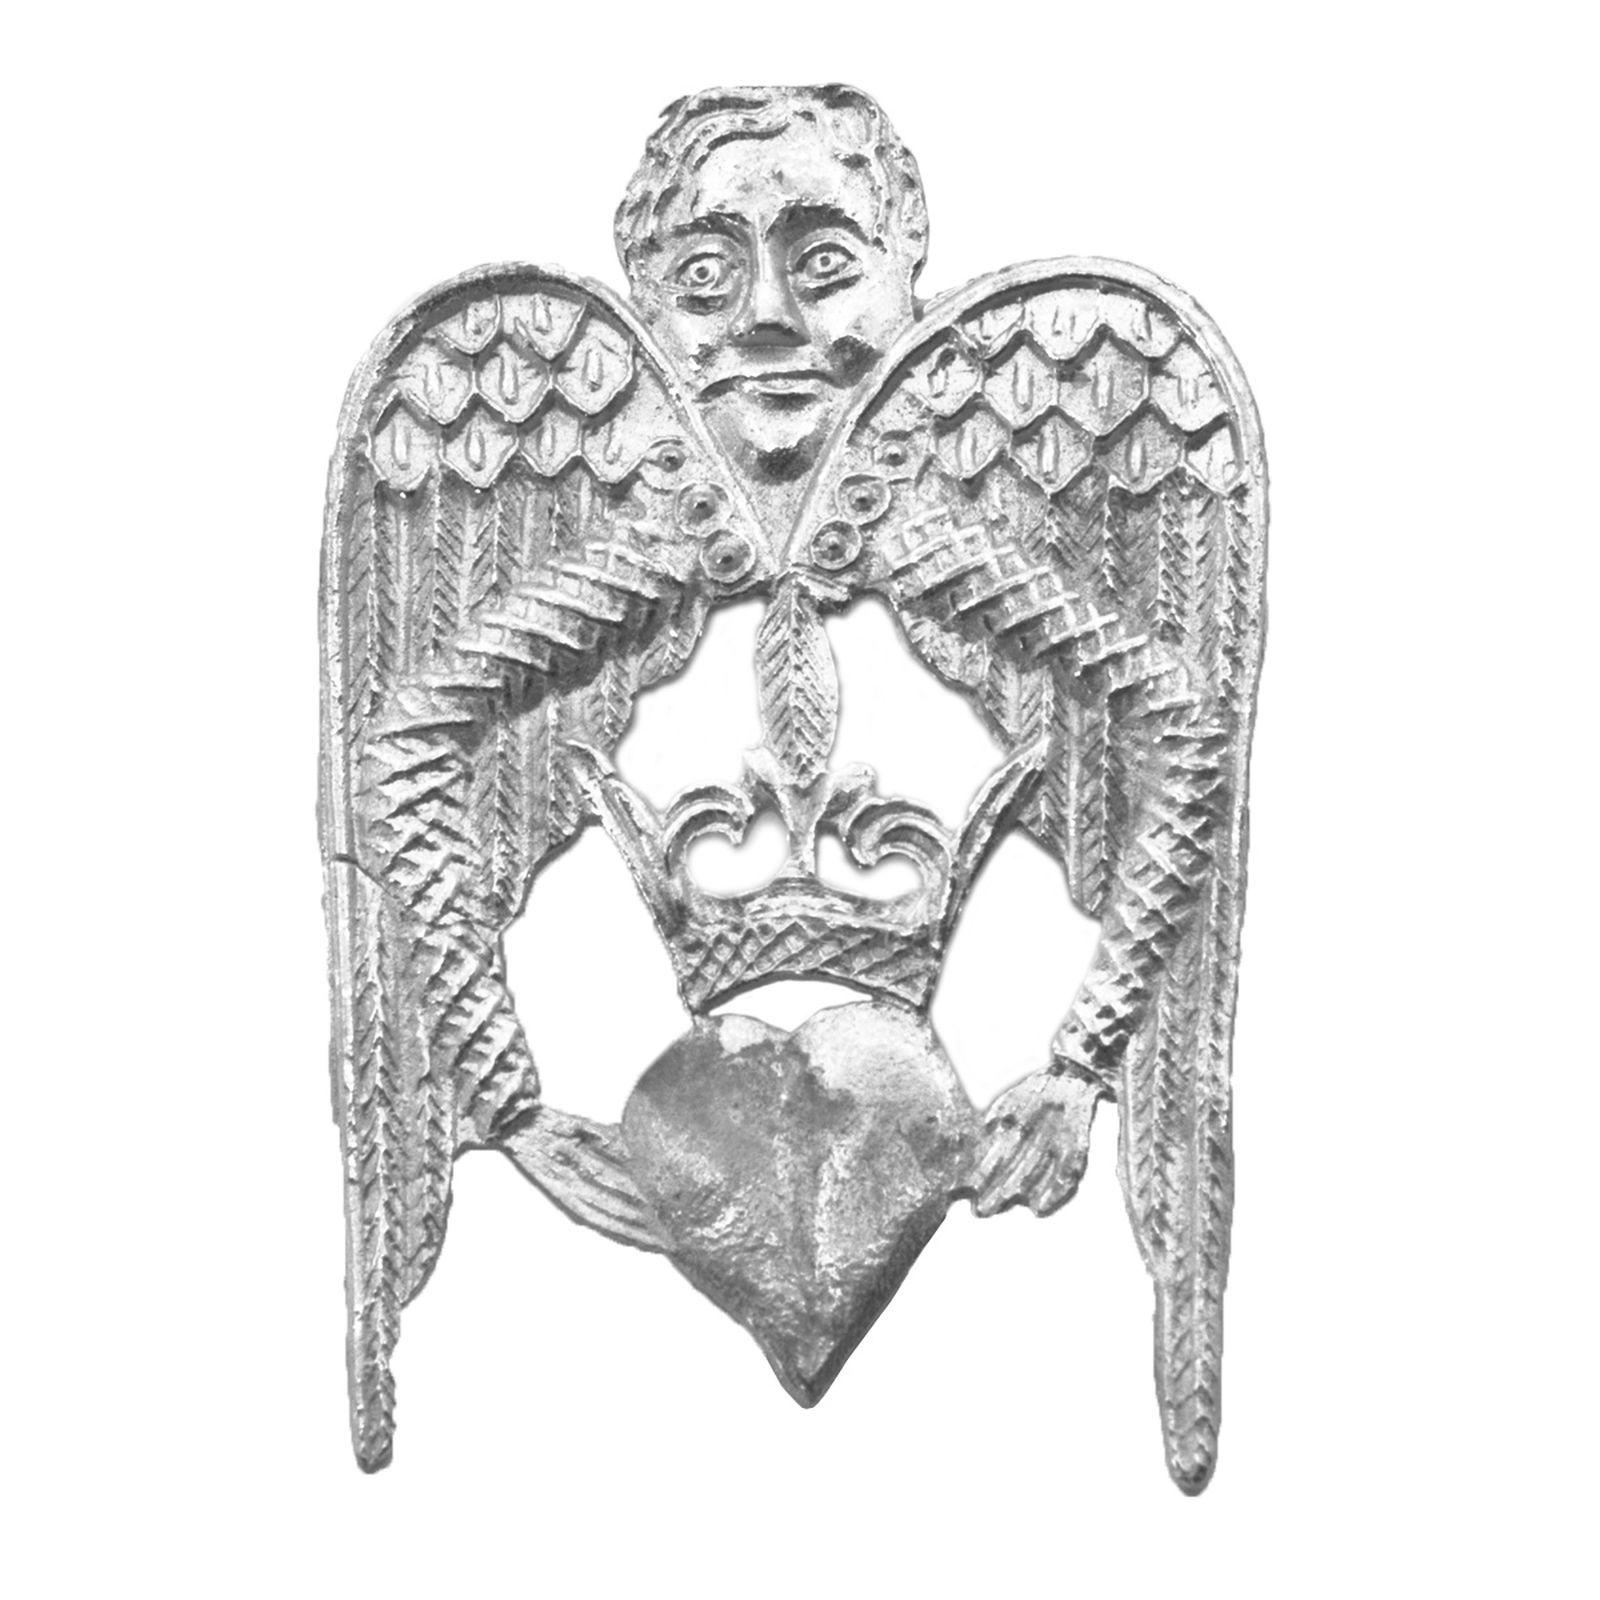 Enkeli ja sydän tinapinssi 1300 luvulta